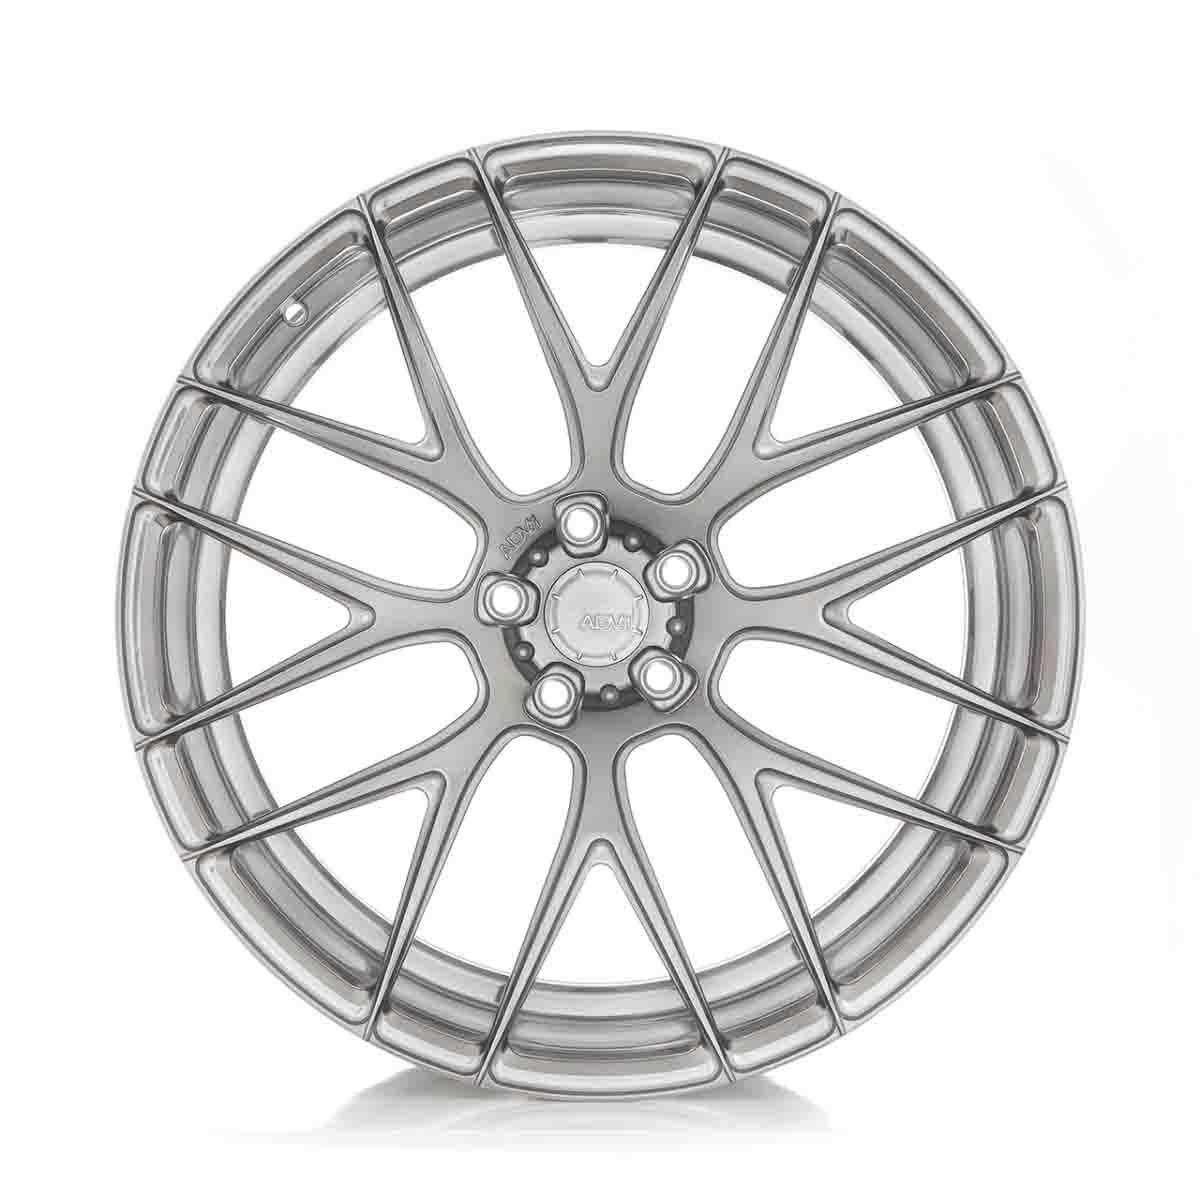 ADV.1 ADV8 M.V2 (SL Series) forged wheels